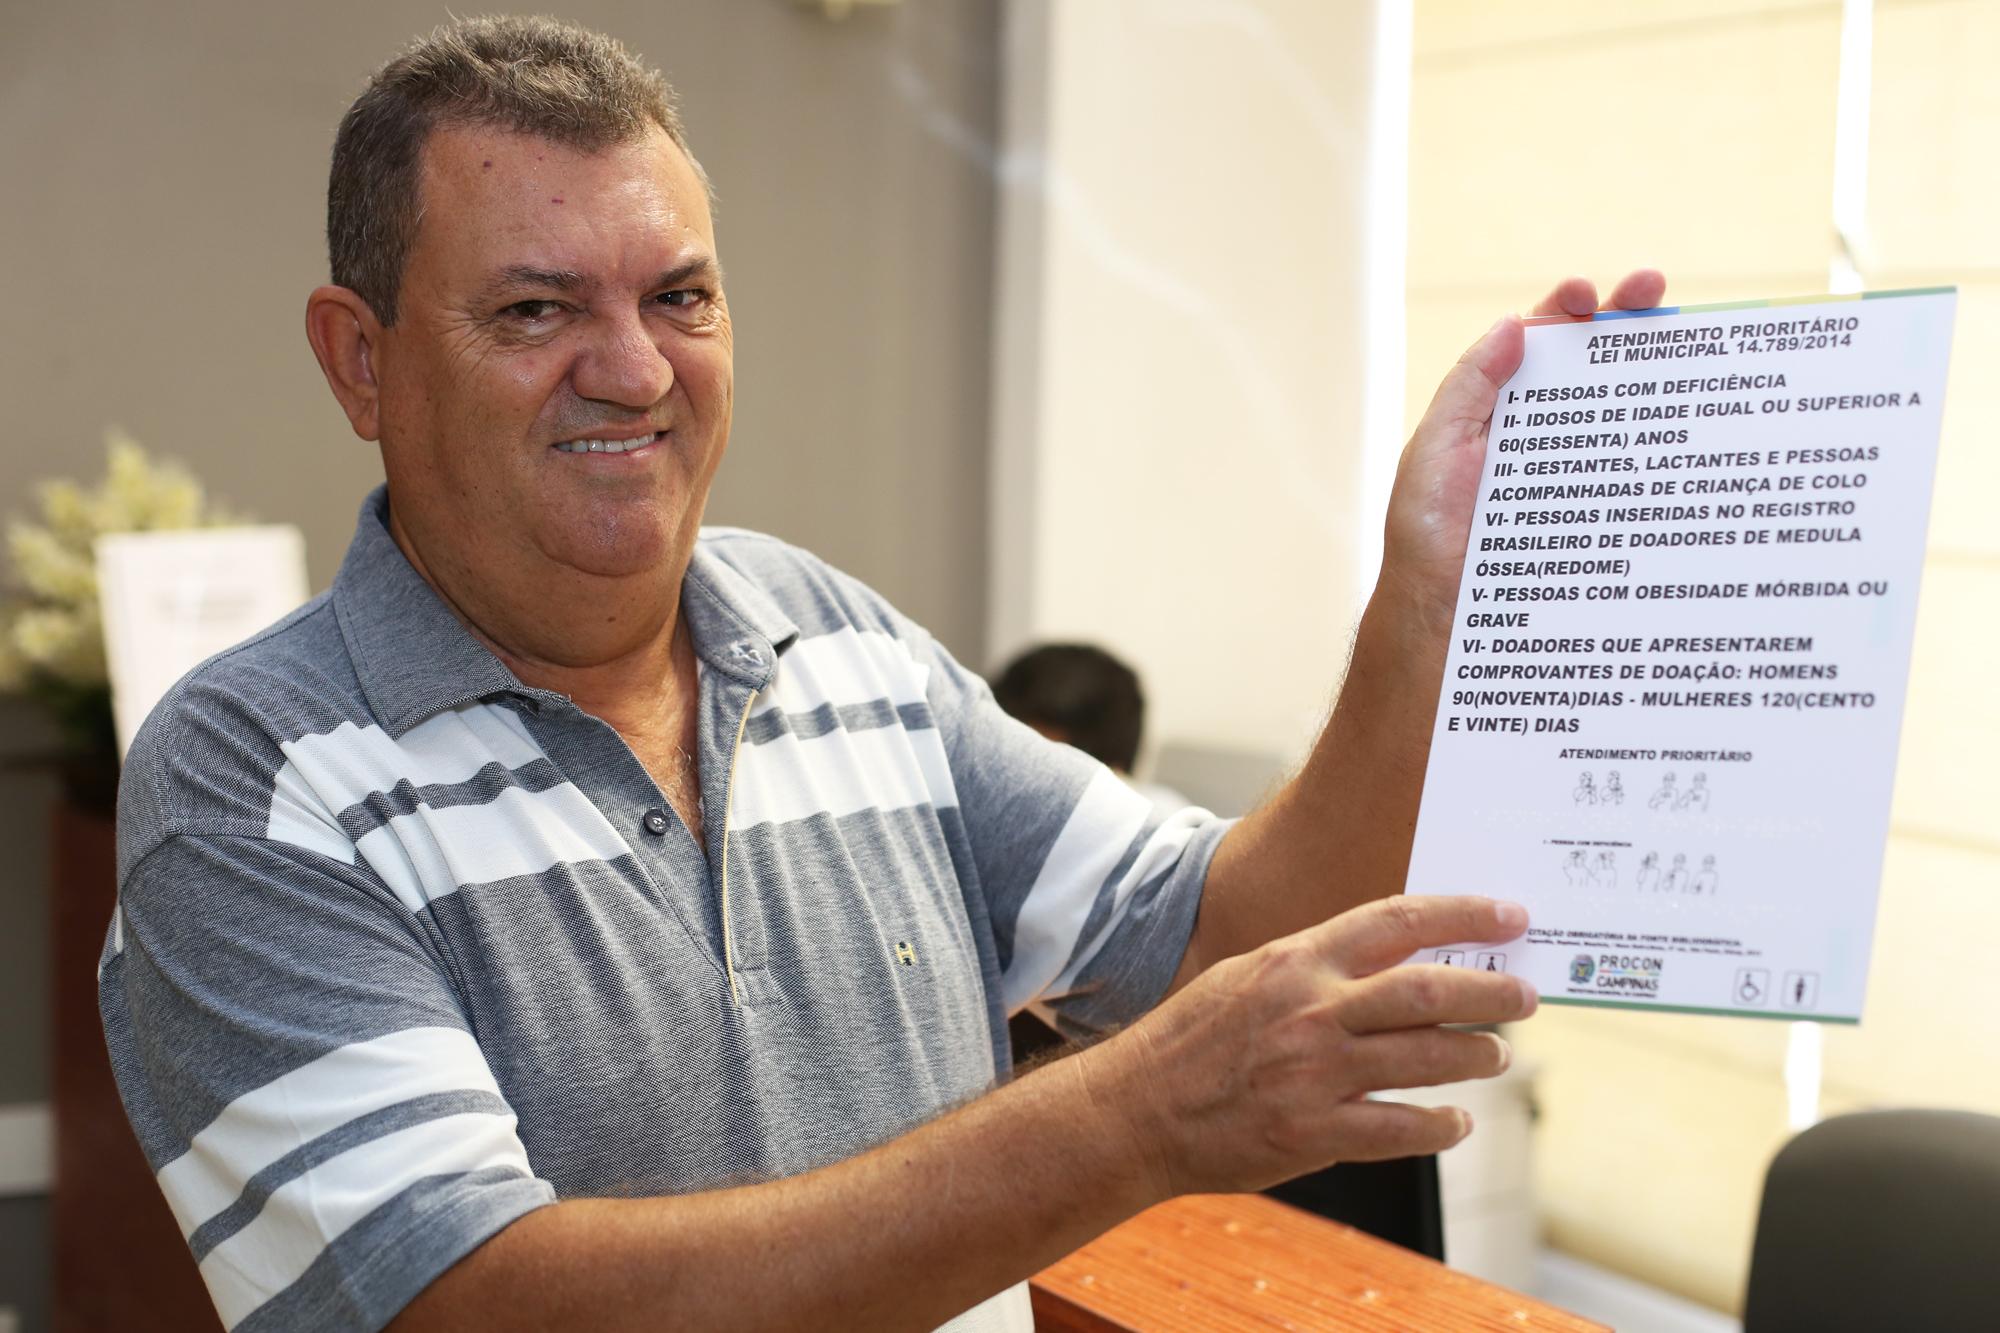 Adquira placa de atendimento prioritário exigida em Campinas